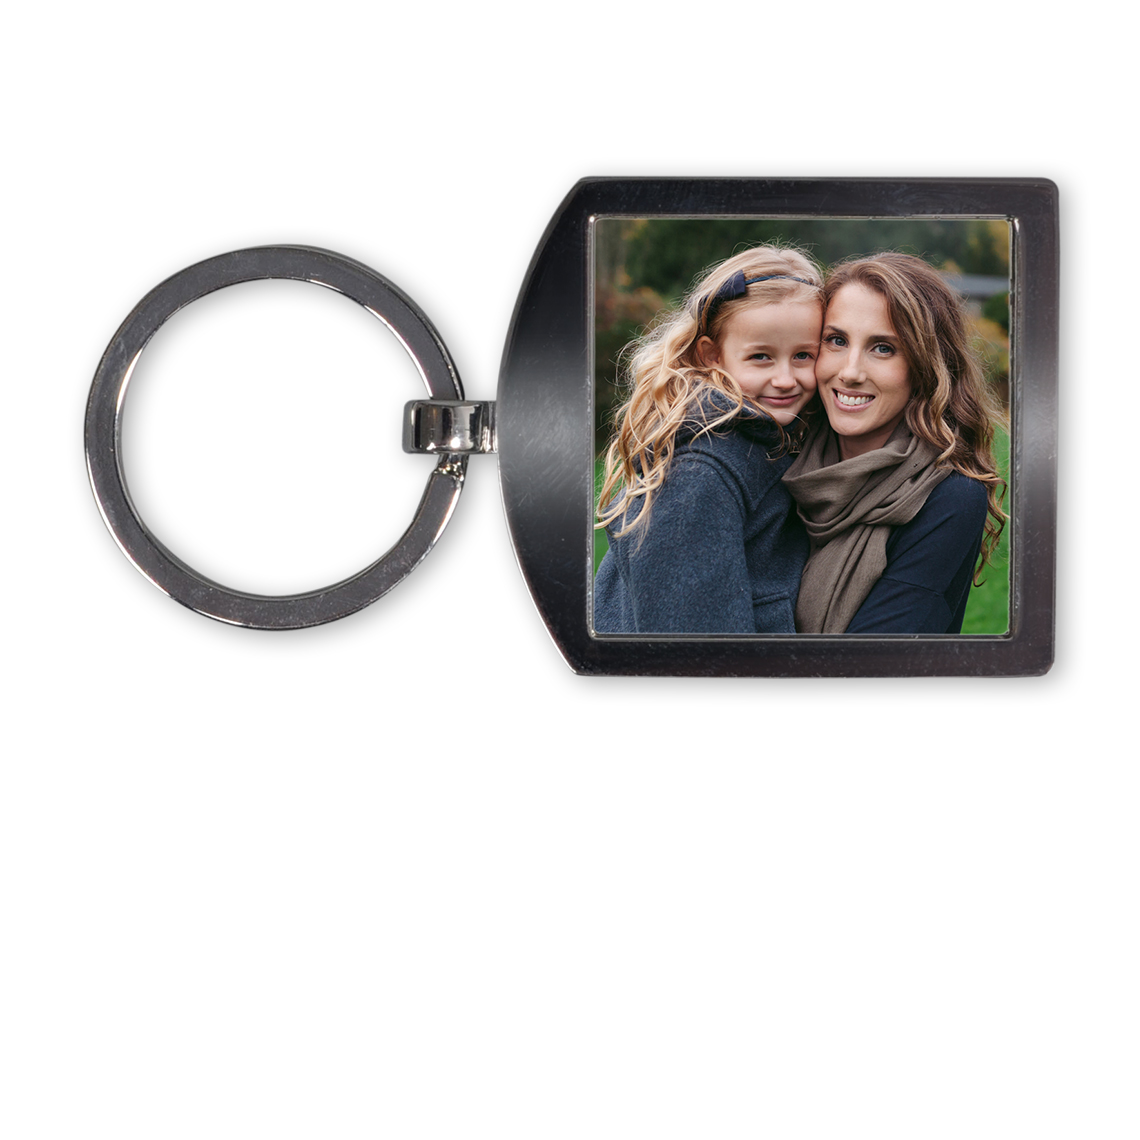 Photo Keychain Jewelry Gifts Snapfish Us